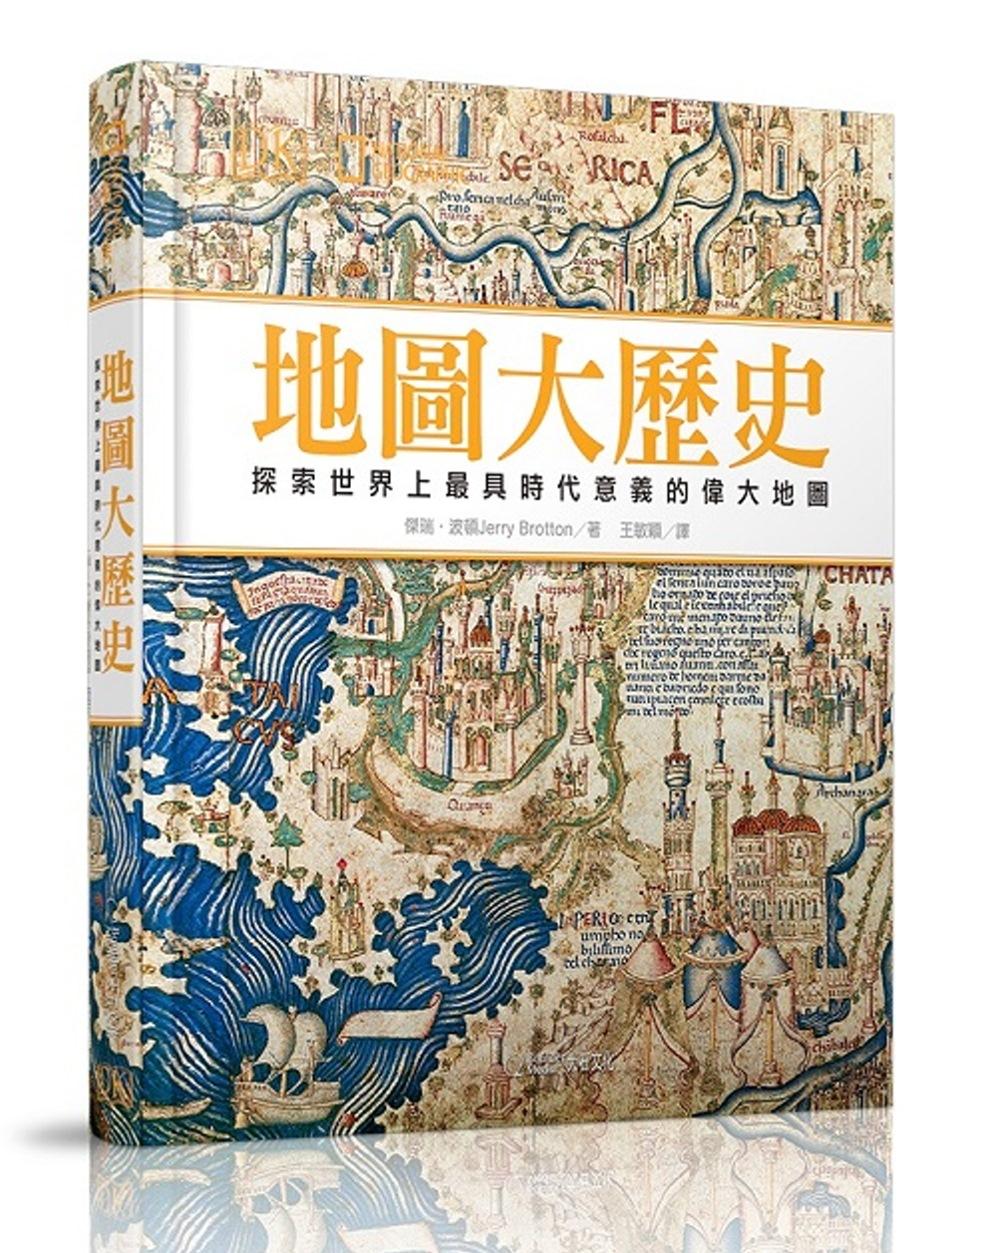 地圖大歷史:探索世界上最具時代意義的偉大地圖